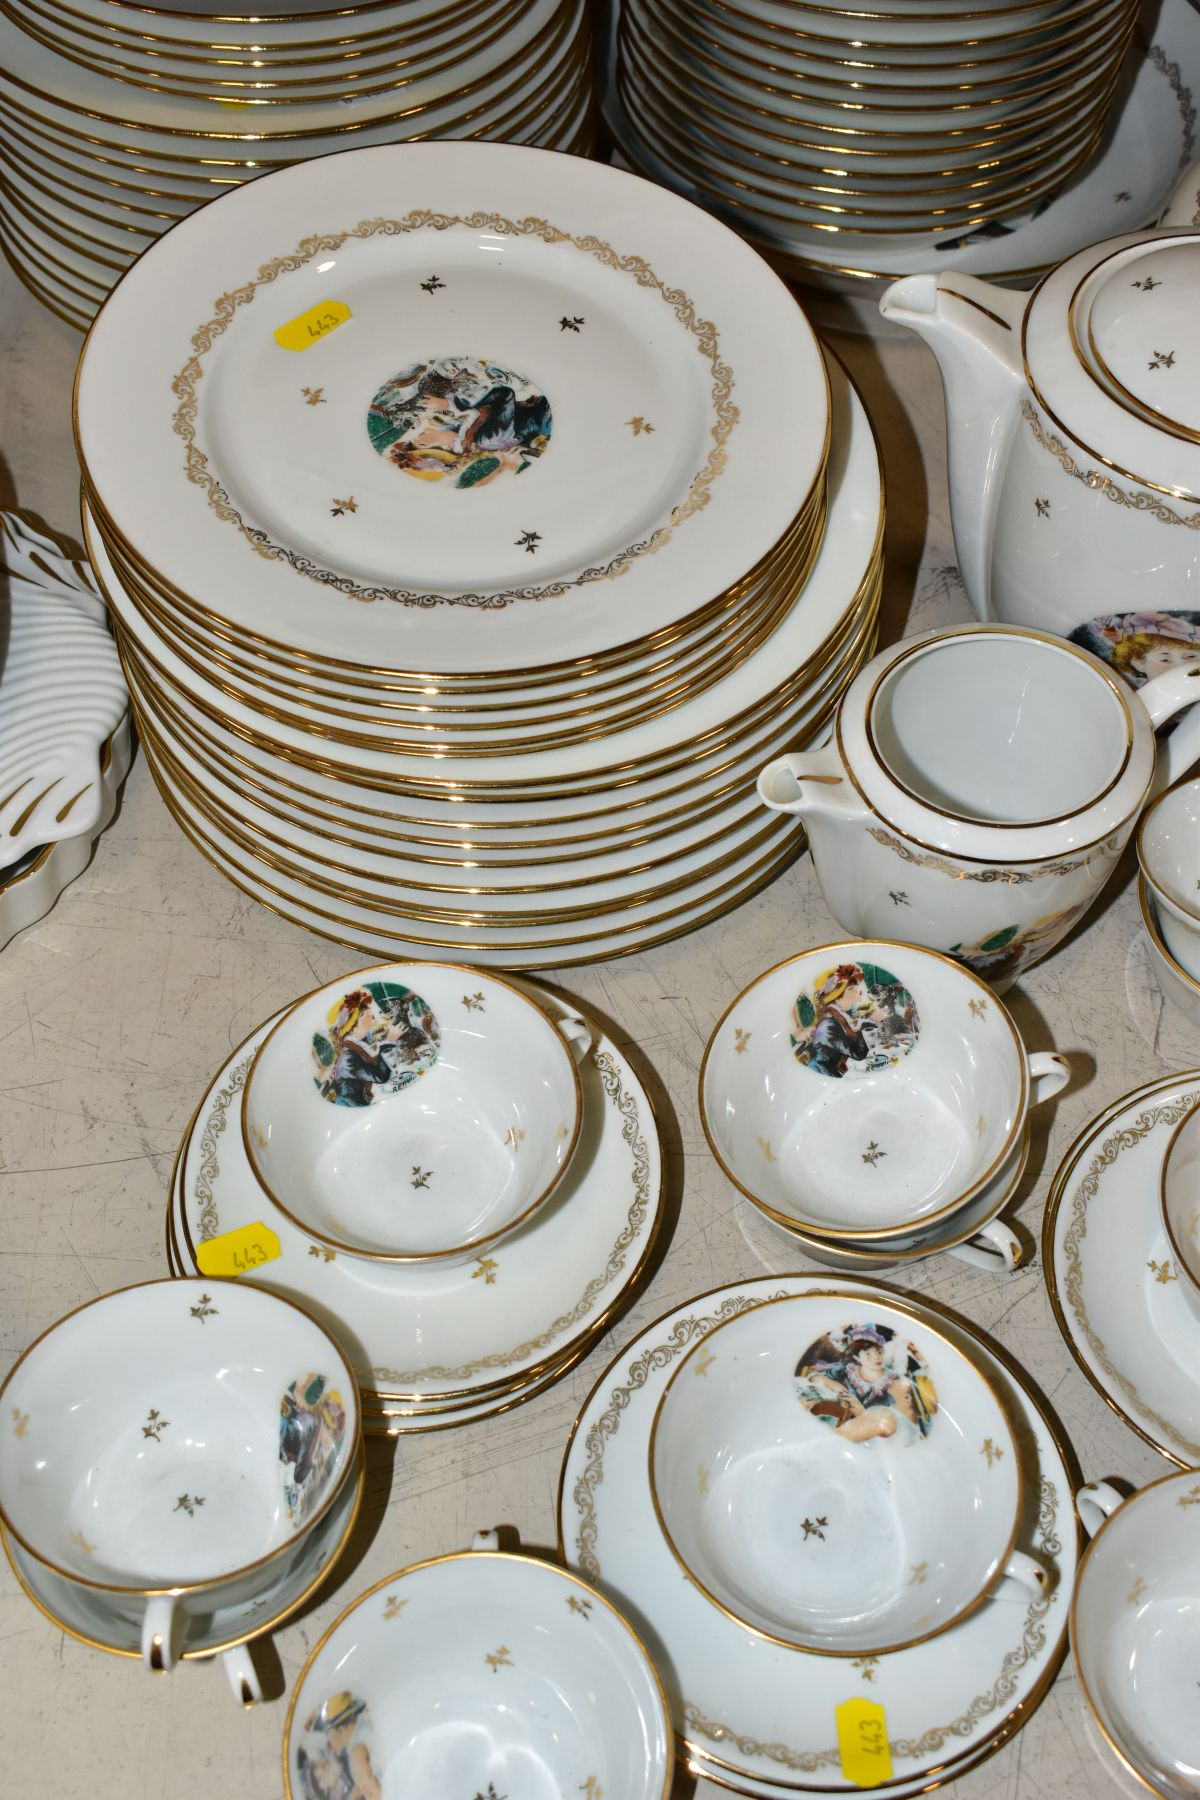 A LIMOGES 'RENOIR' DINNER SERVICE, marked to the base 'Veritable Porcelaine de Limoges Decor Reserve - Image 4 of 9